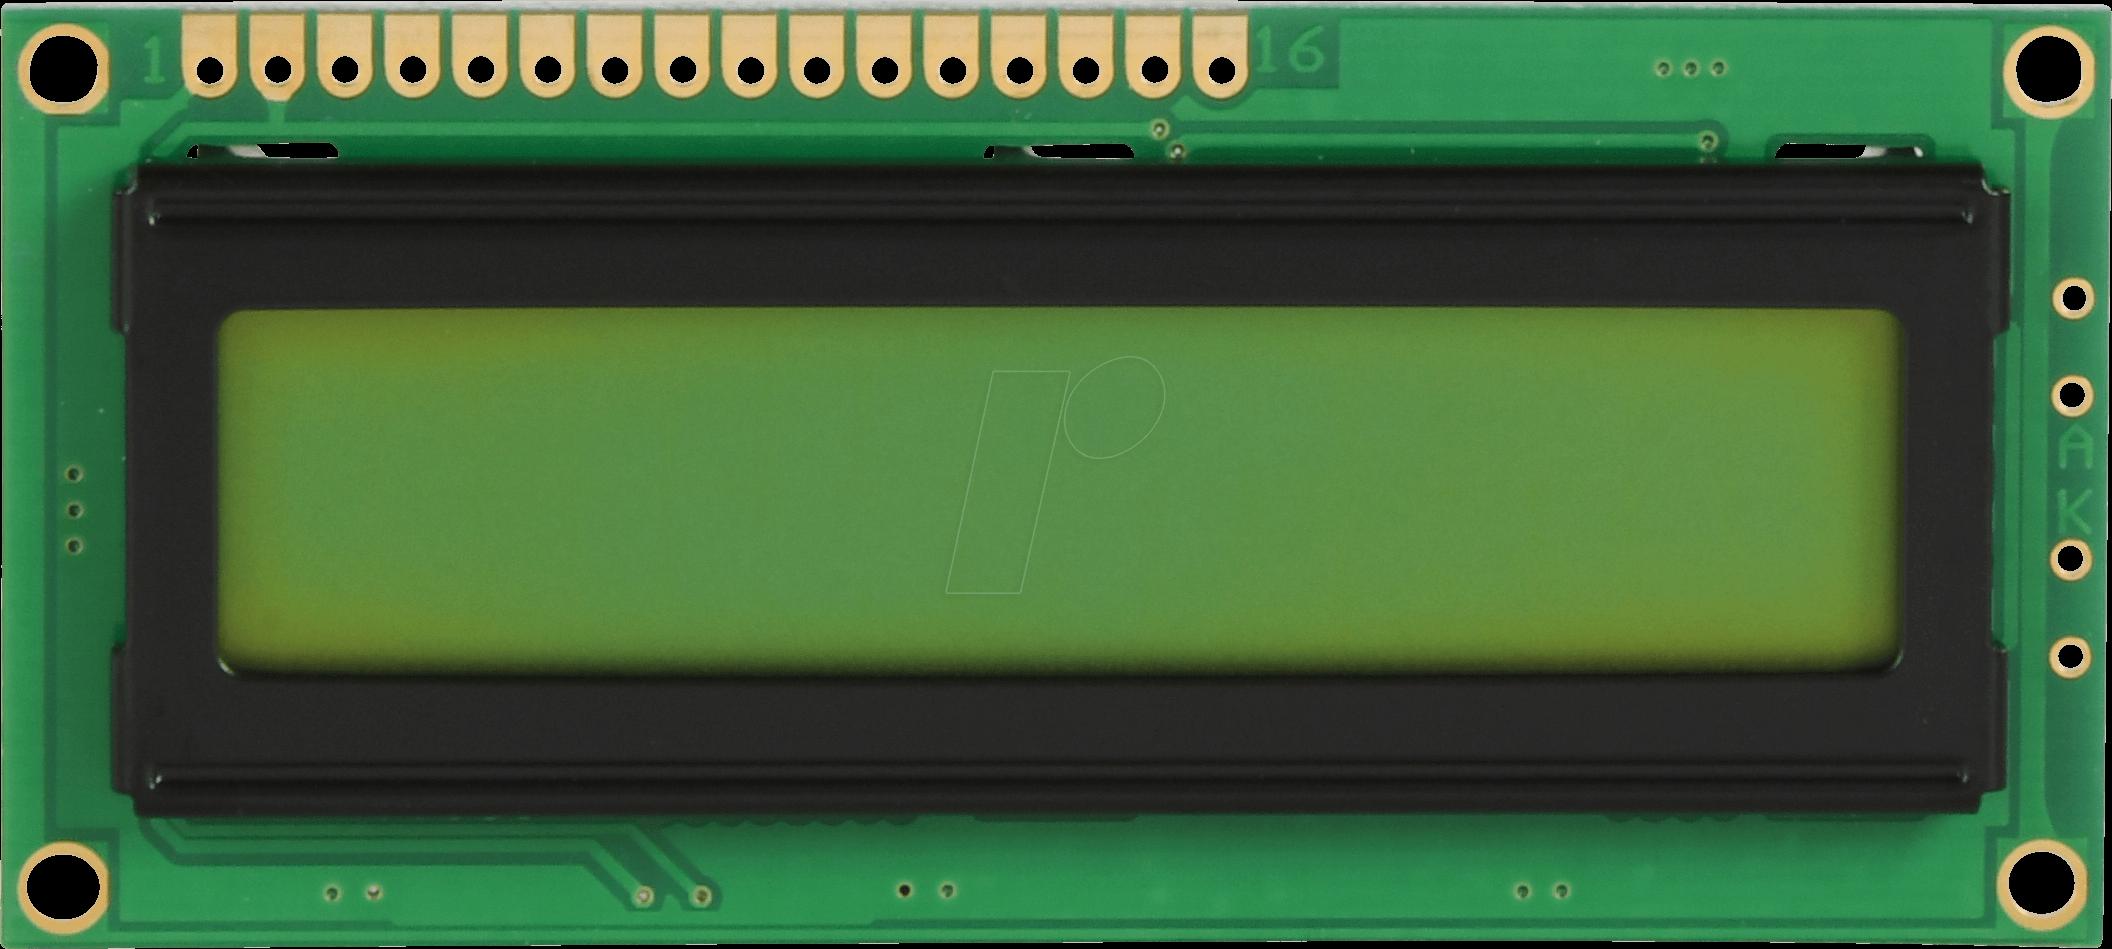 https://cdn-reichelt.de/bilder/web/xxl_ws/A500/LCD-PM_2X16-4_A.png